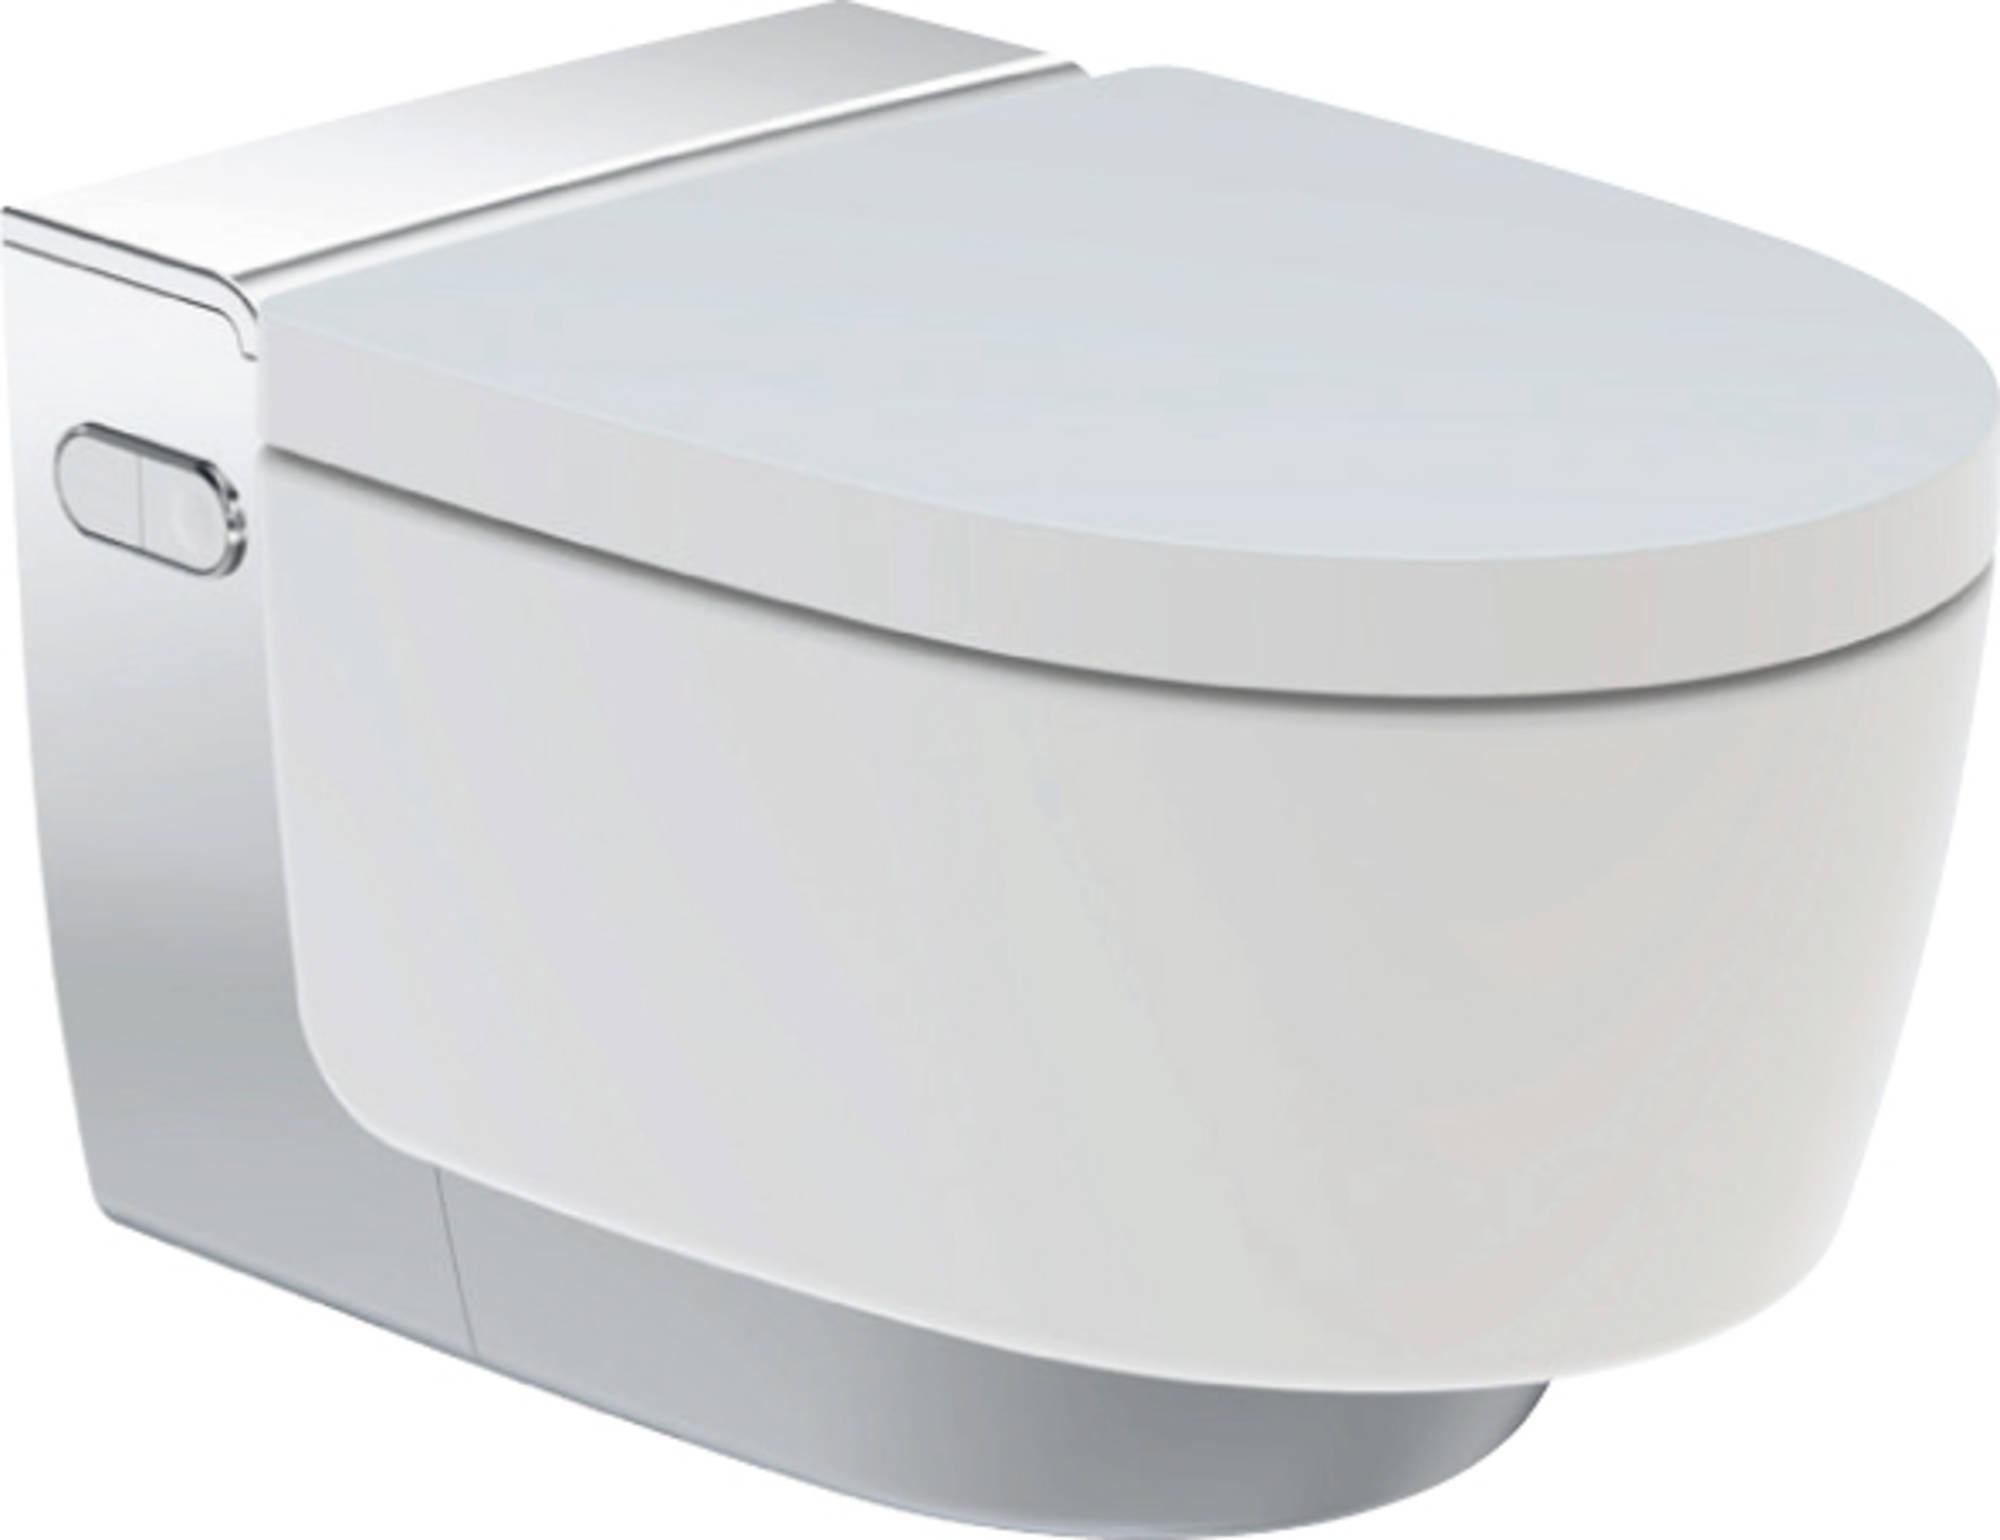 Productafbeelding van Douche WC Geberit AquaClean Mera Classic met Geurafzuiging Warme Luchtdroging en Ladydouche met Softclose en Deksel Glanschroom